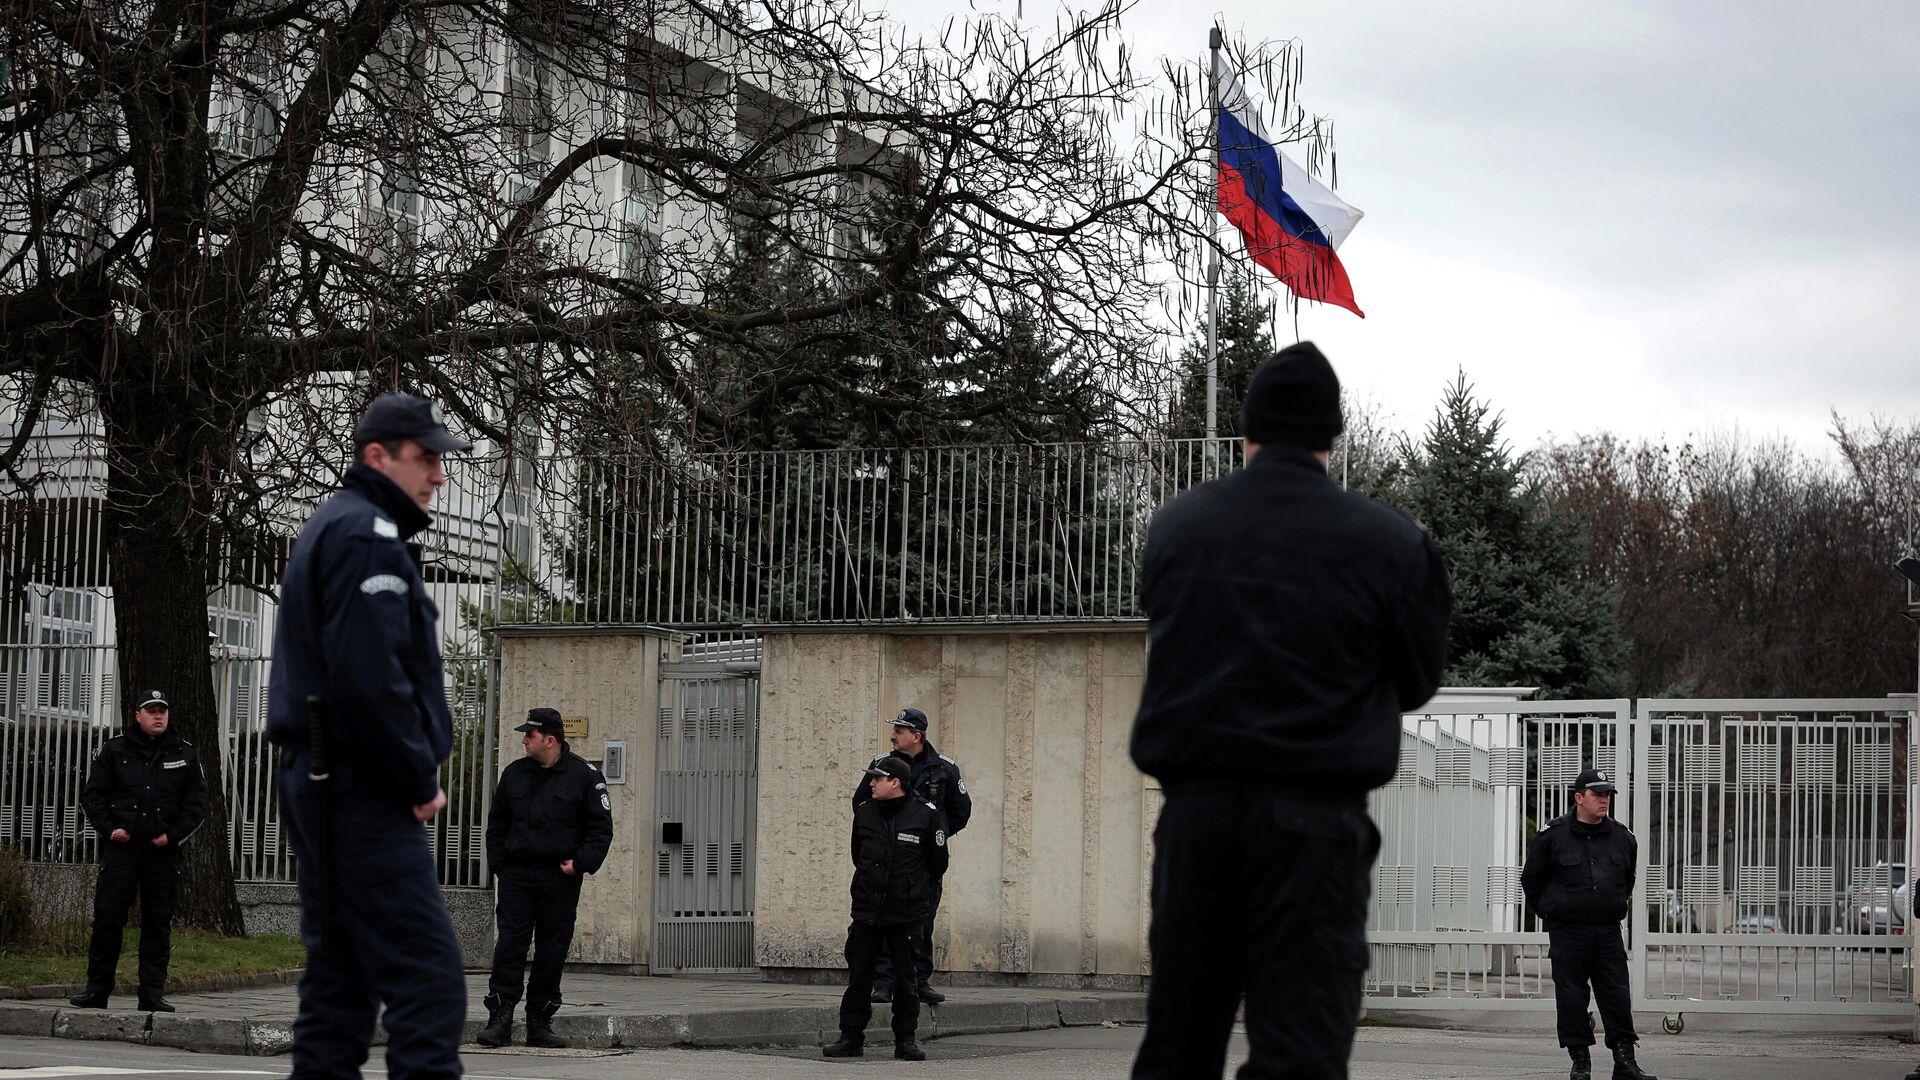 Болгарские полицейские у здания посольства РФ в Софии - РИА Новости, 1920, 18.12.2020